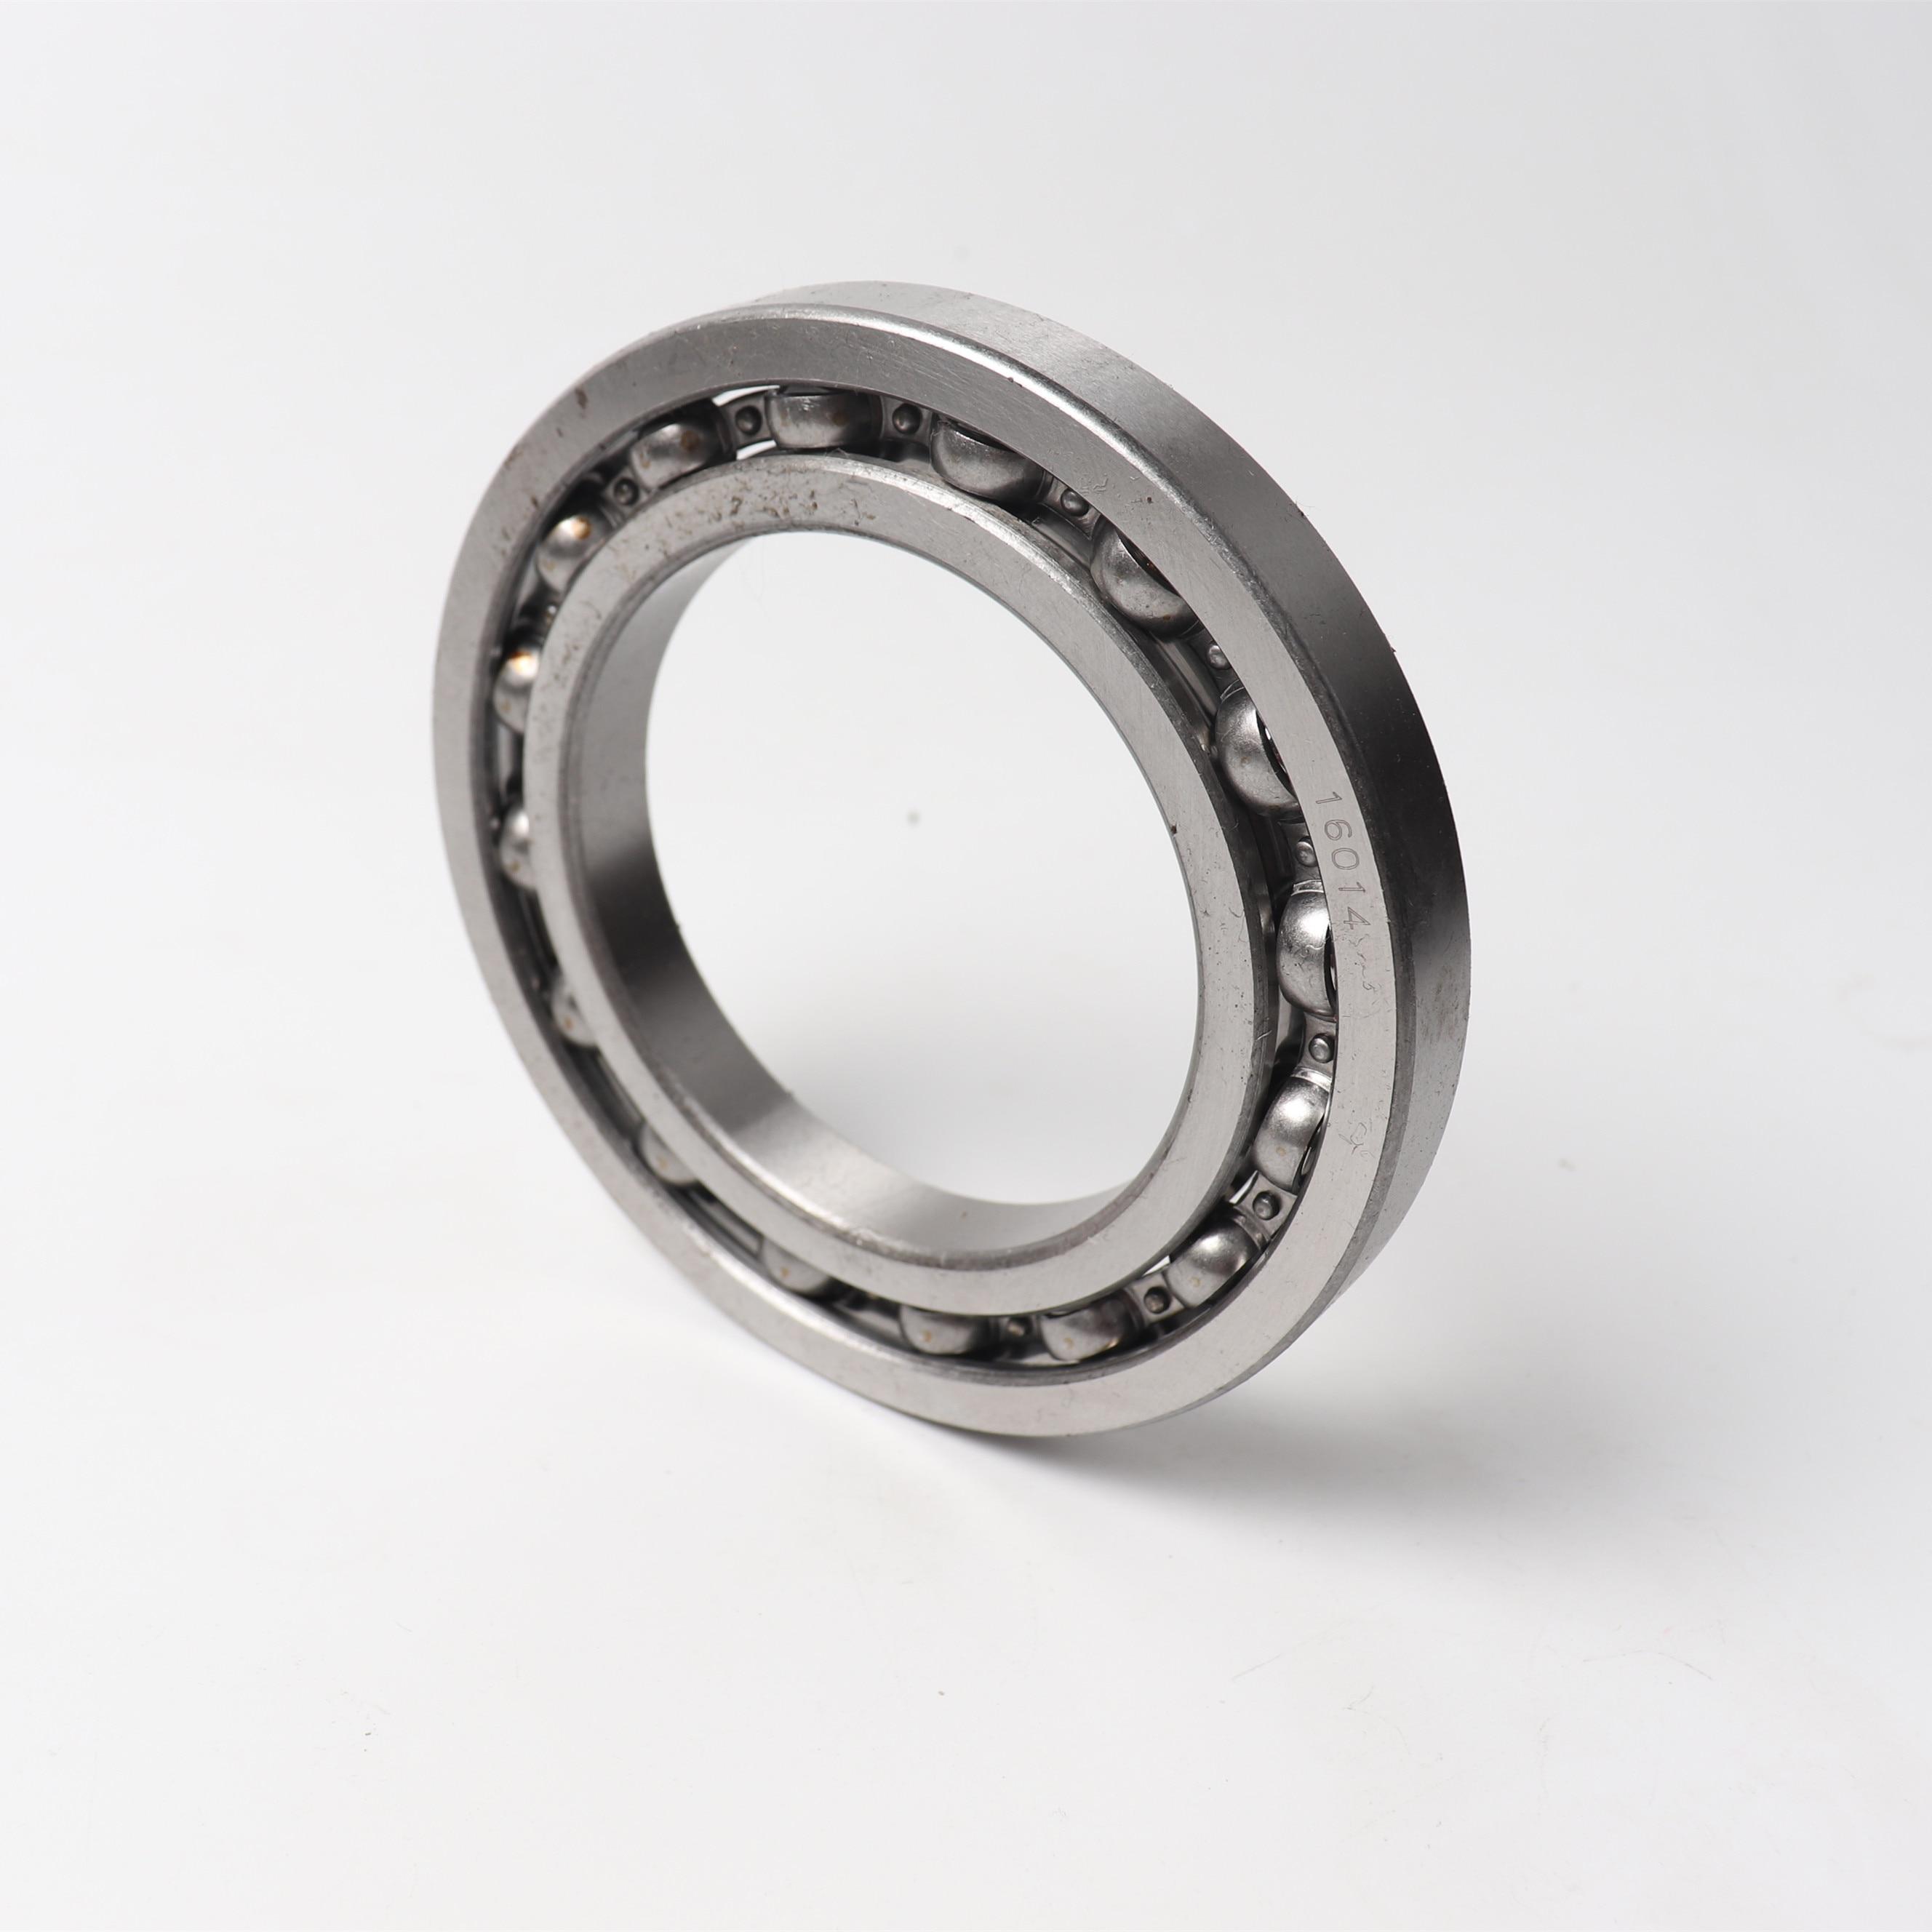 Ciclop 3d scanner lager 16014ZZ 70x110x13mm Metall Geschirmt Rillen Kugellager